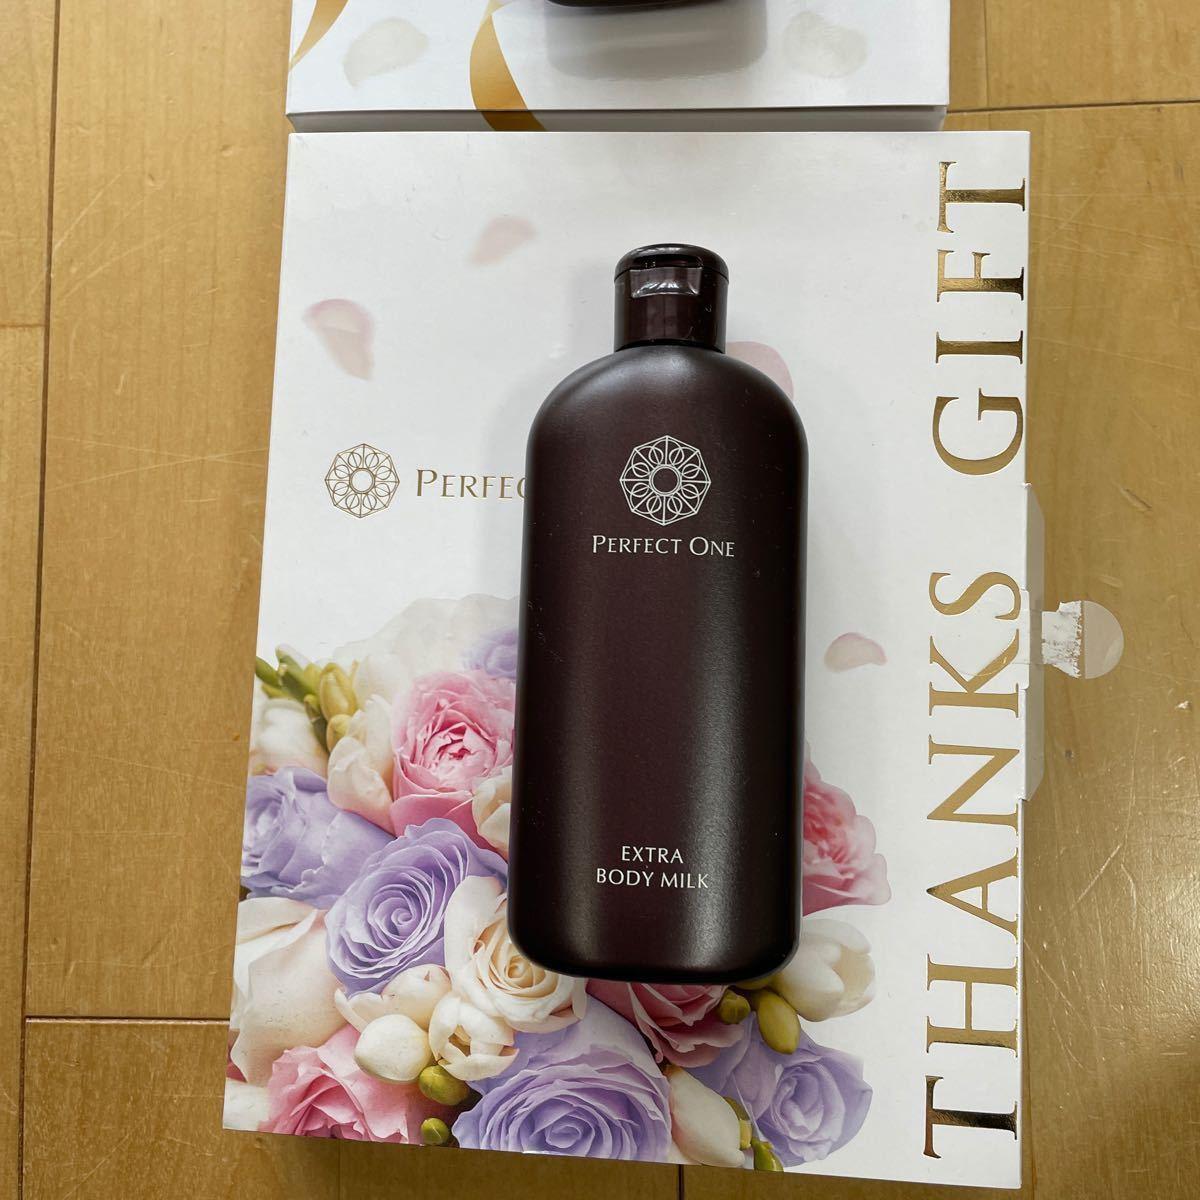 新日本製薬 パーフェクトワン ボディミルク、ボディウォッシュ